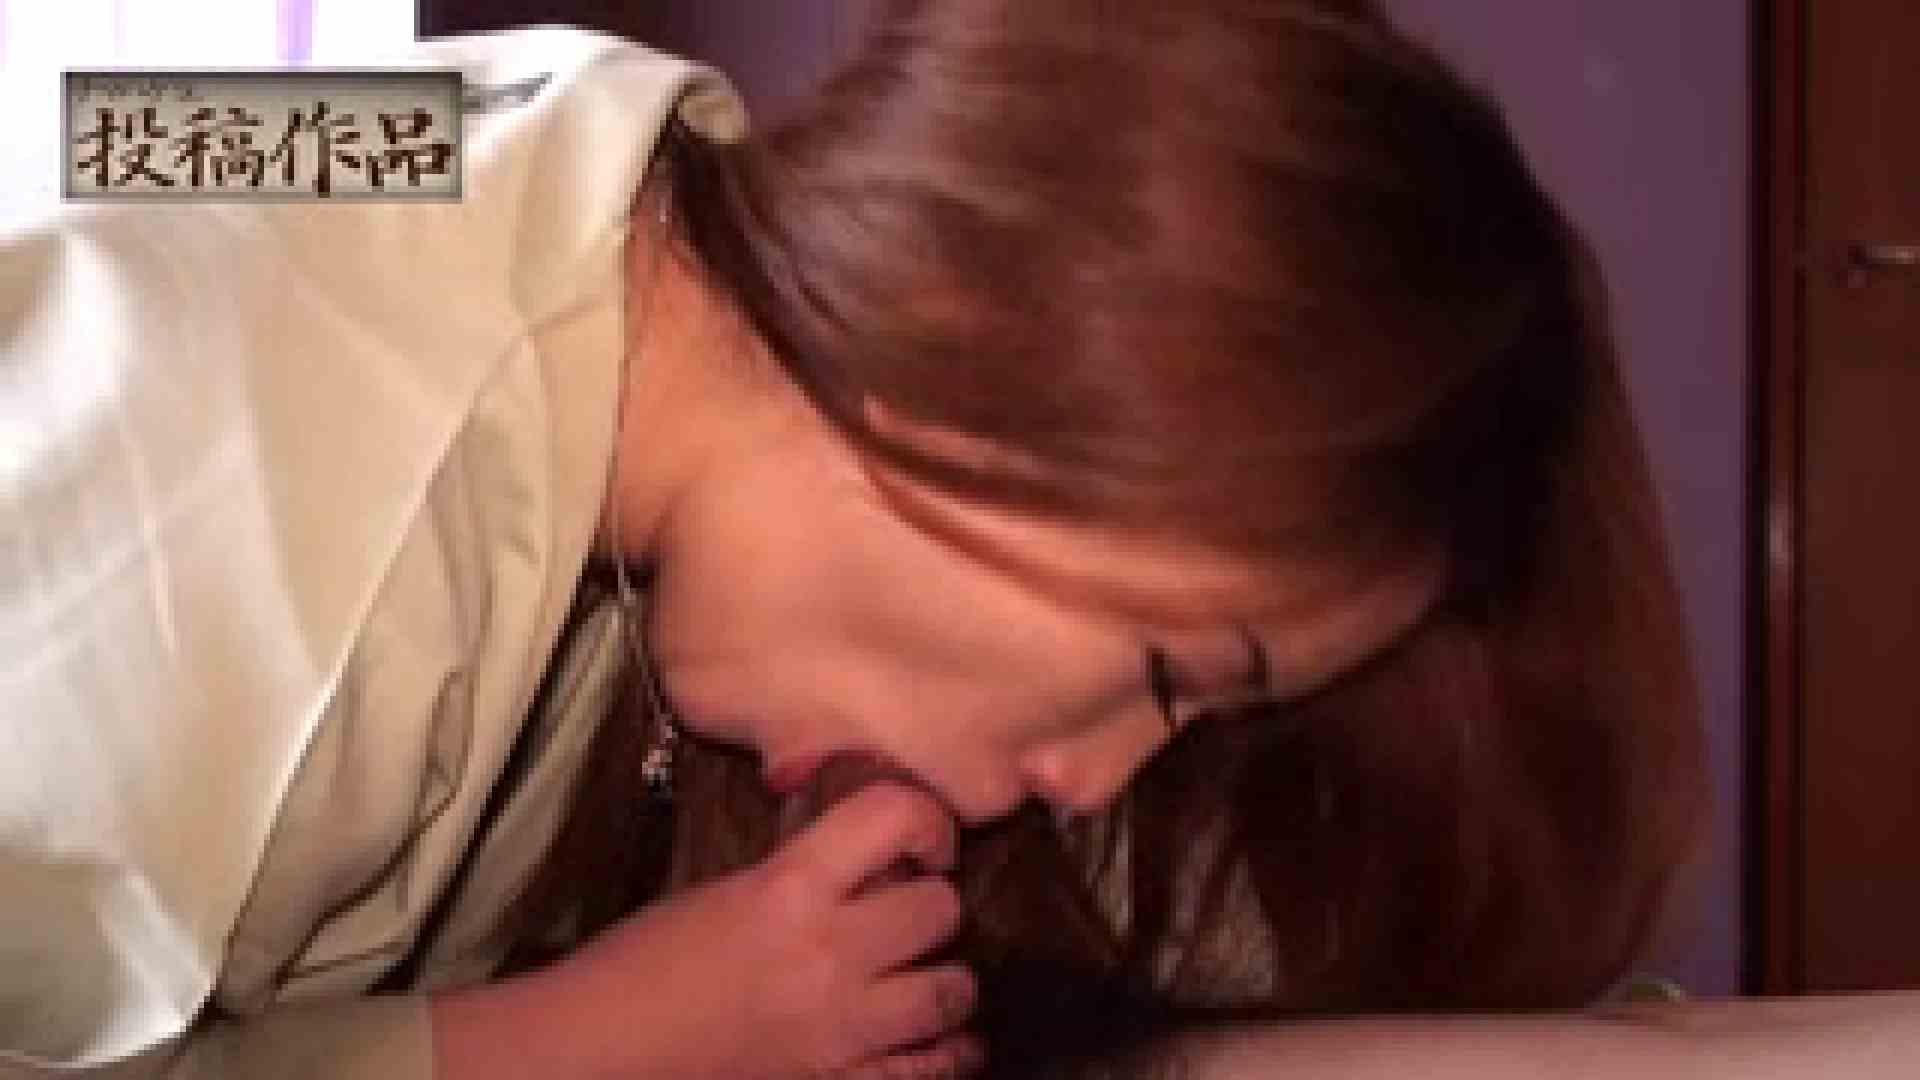 ナマハゲさんのまんこコレクション megu キャバ嬢のセックス   投稿  70画像 53